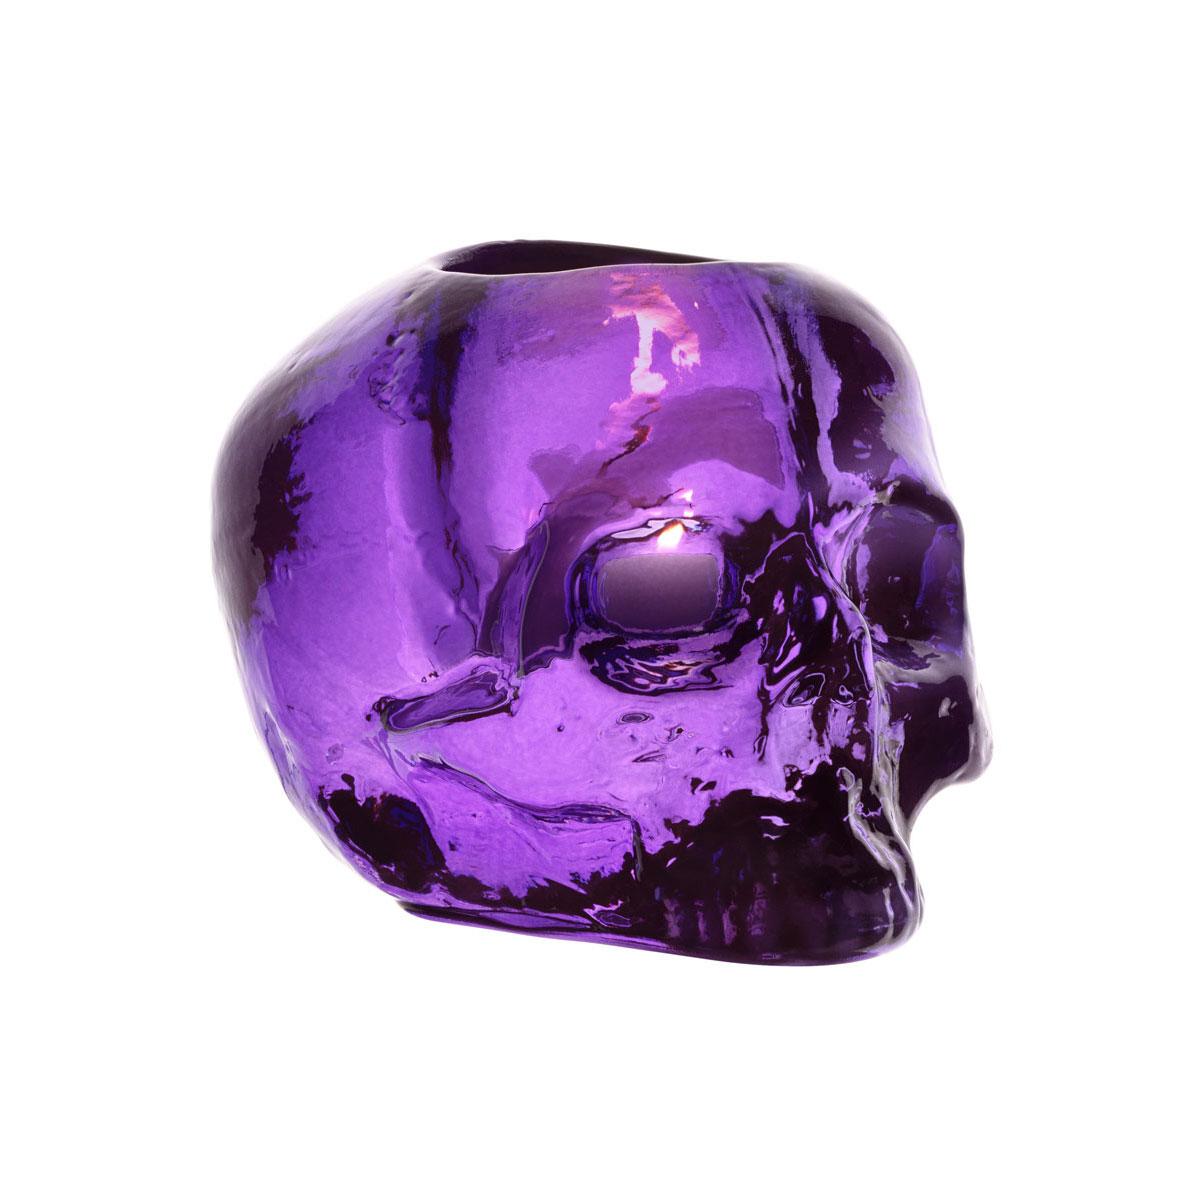 Kosta Boda Still Life Skull Crystal Votive, Purple